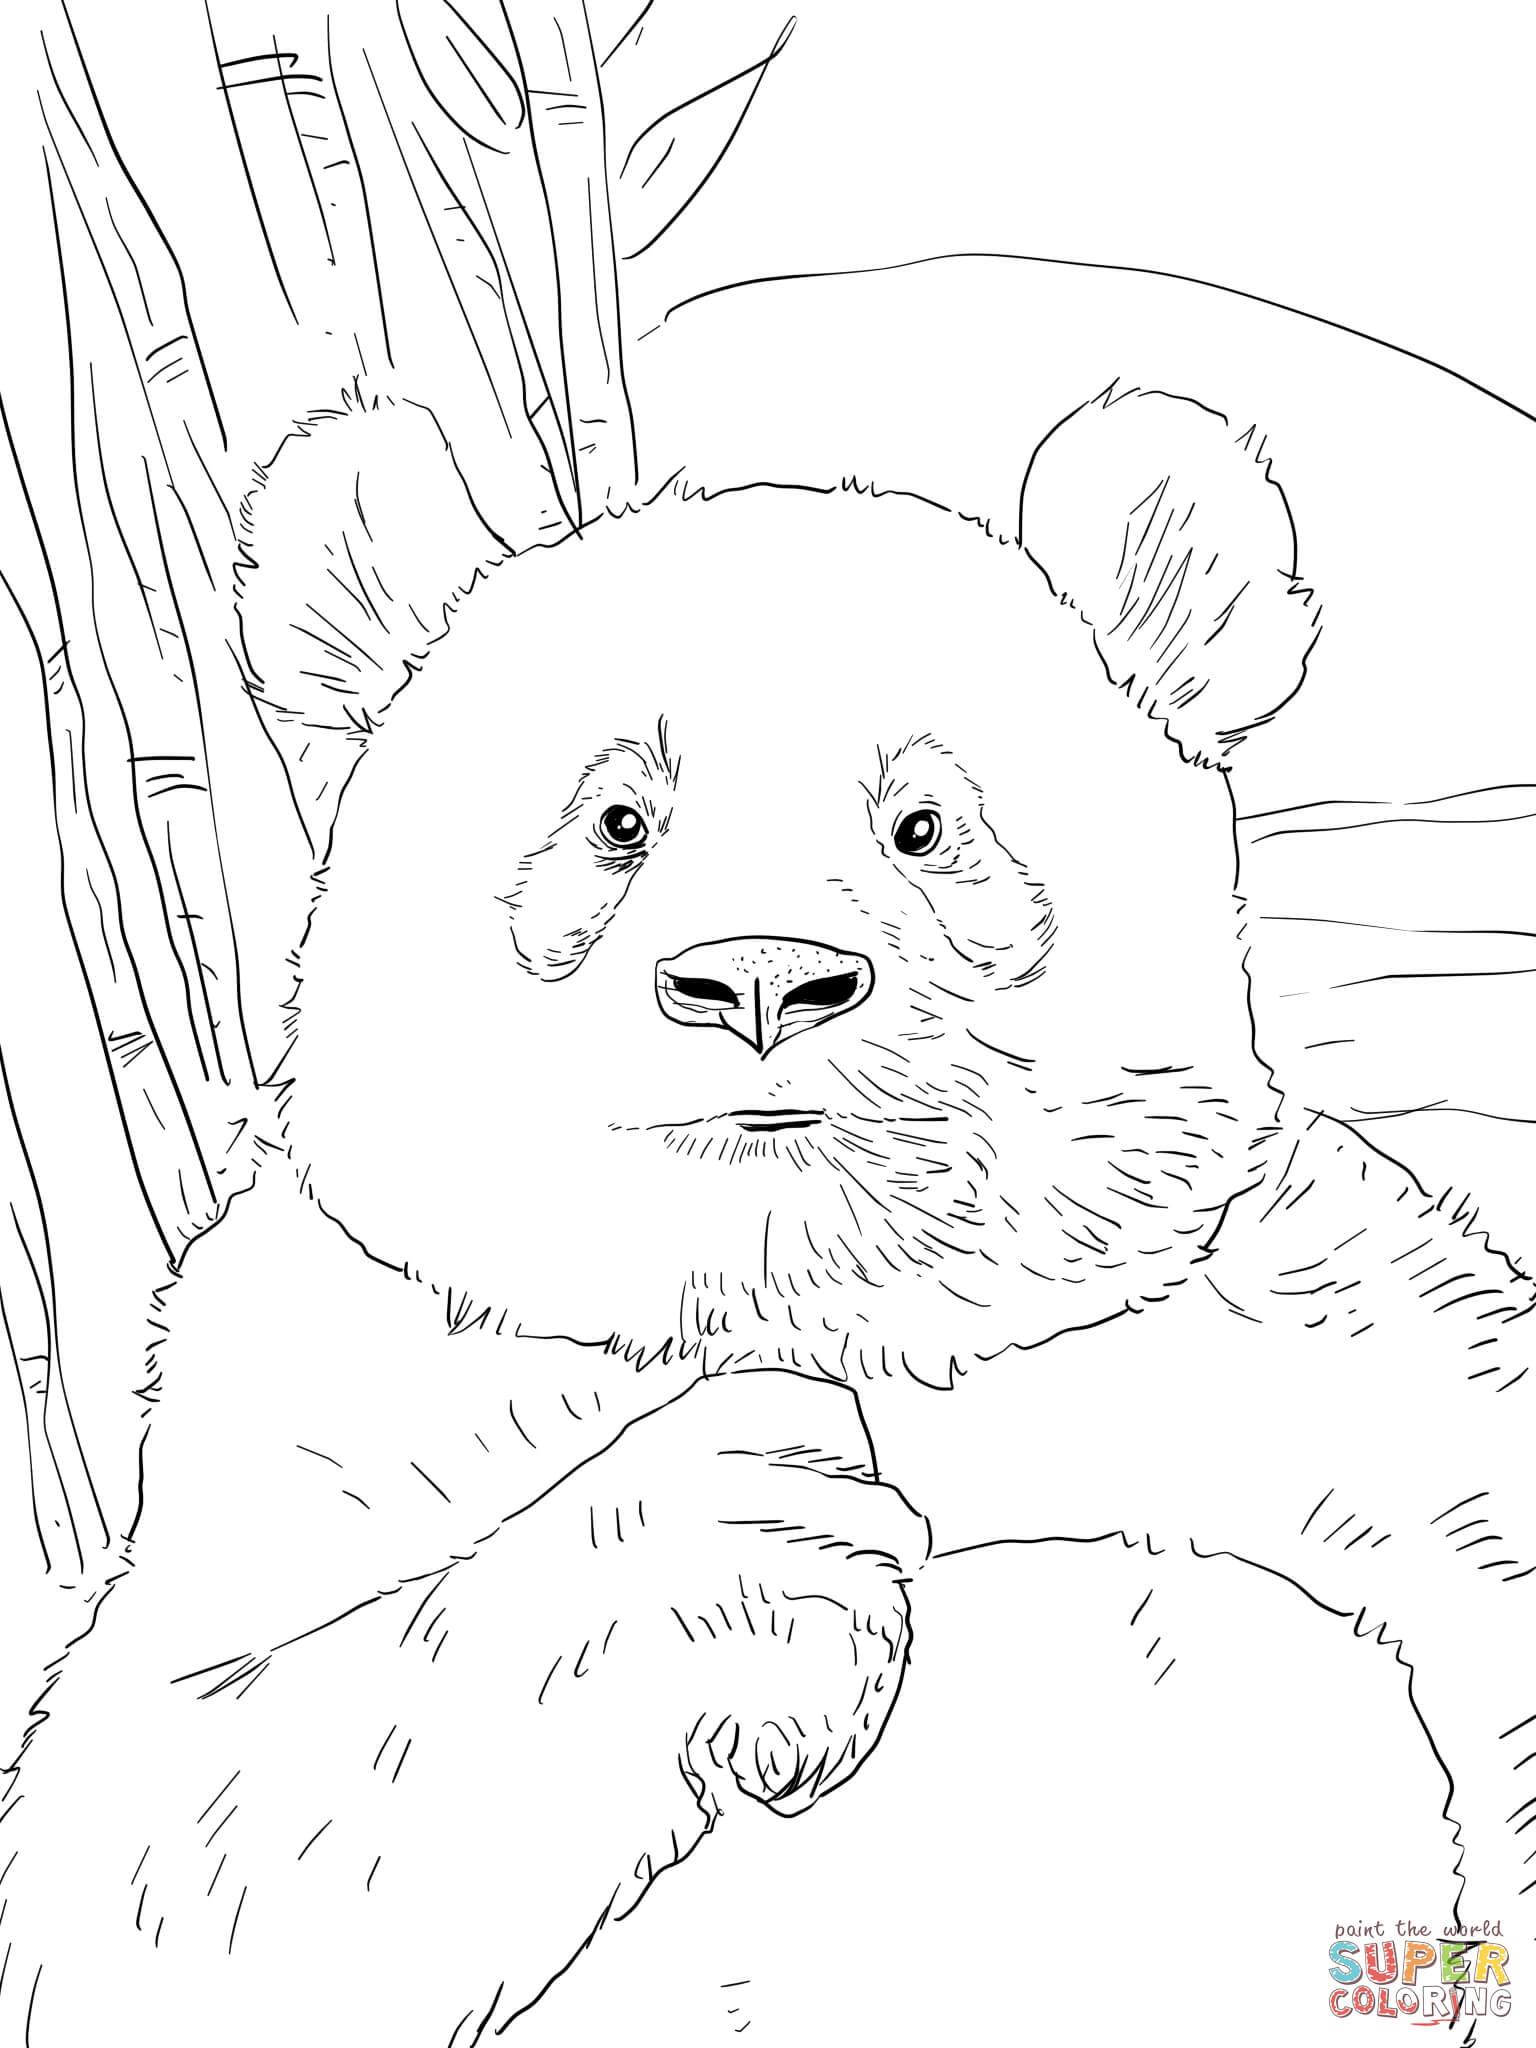 Ausmalbilder Bären - Malvorlagen Kostenlos Zum Ausdrucken mit Bären Bilder Zum Ausdrucken